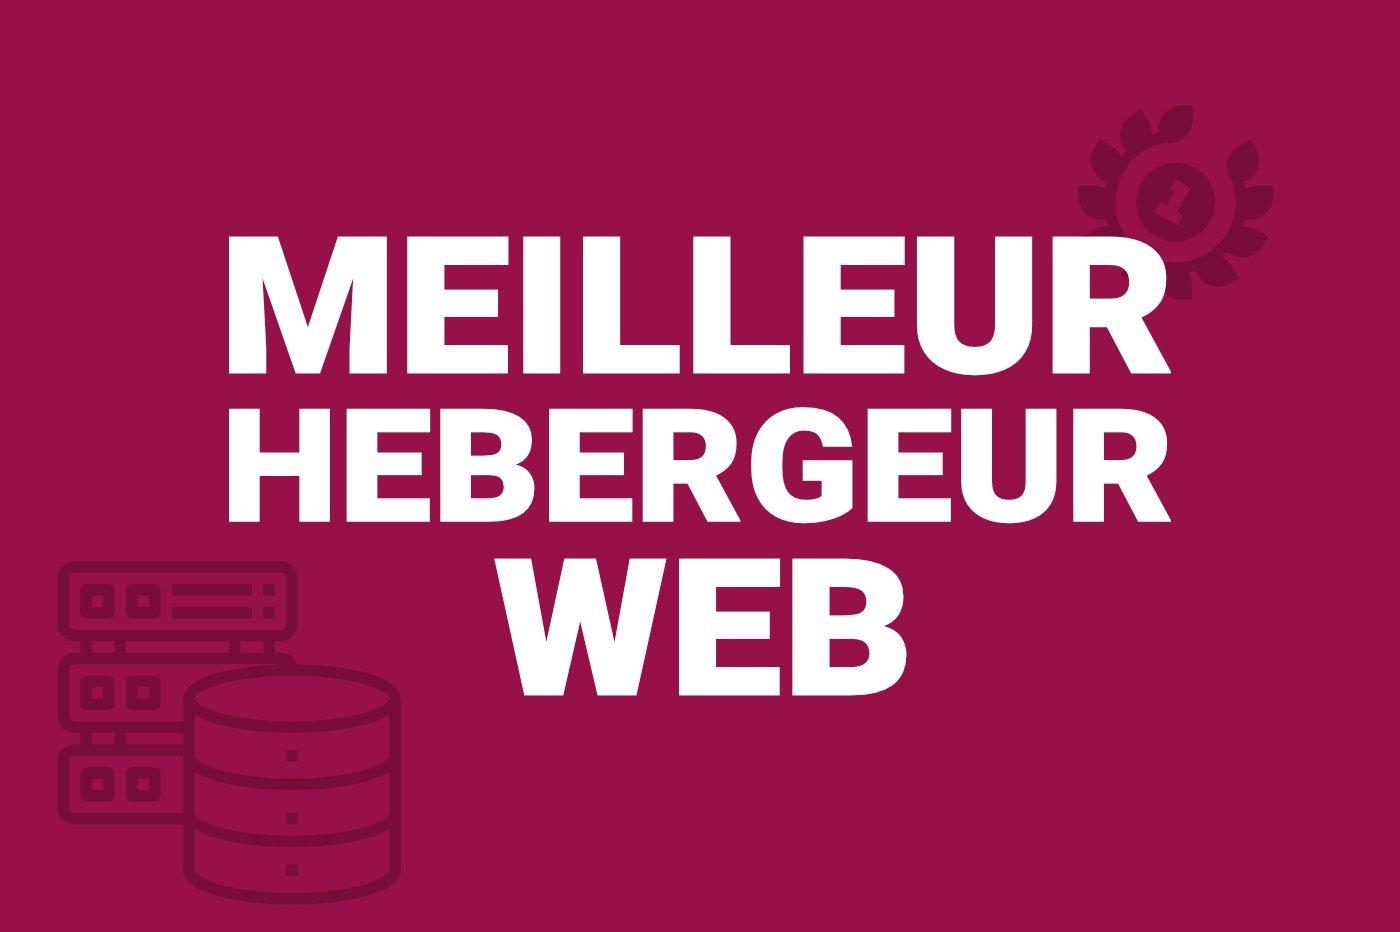 Meilleur hébergeur web